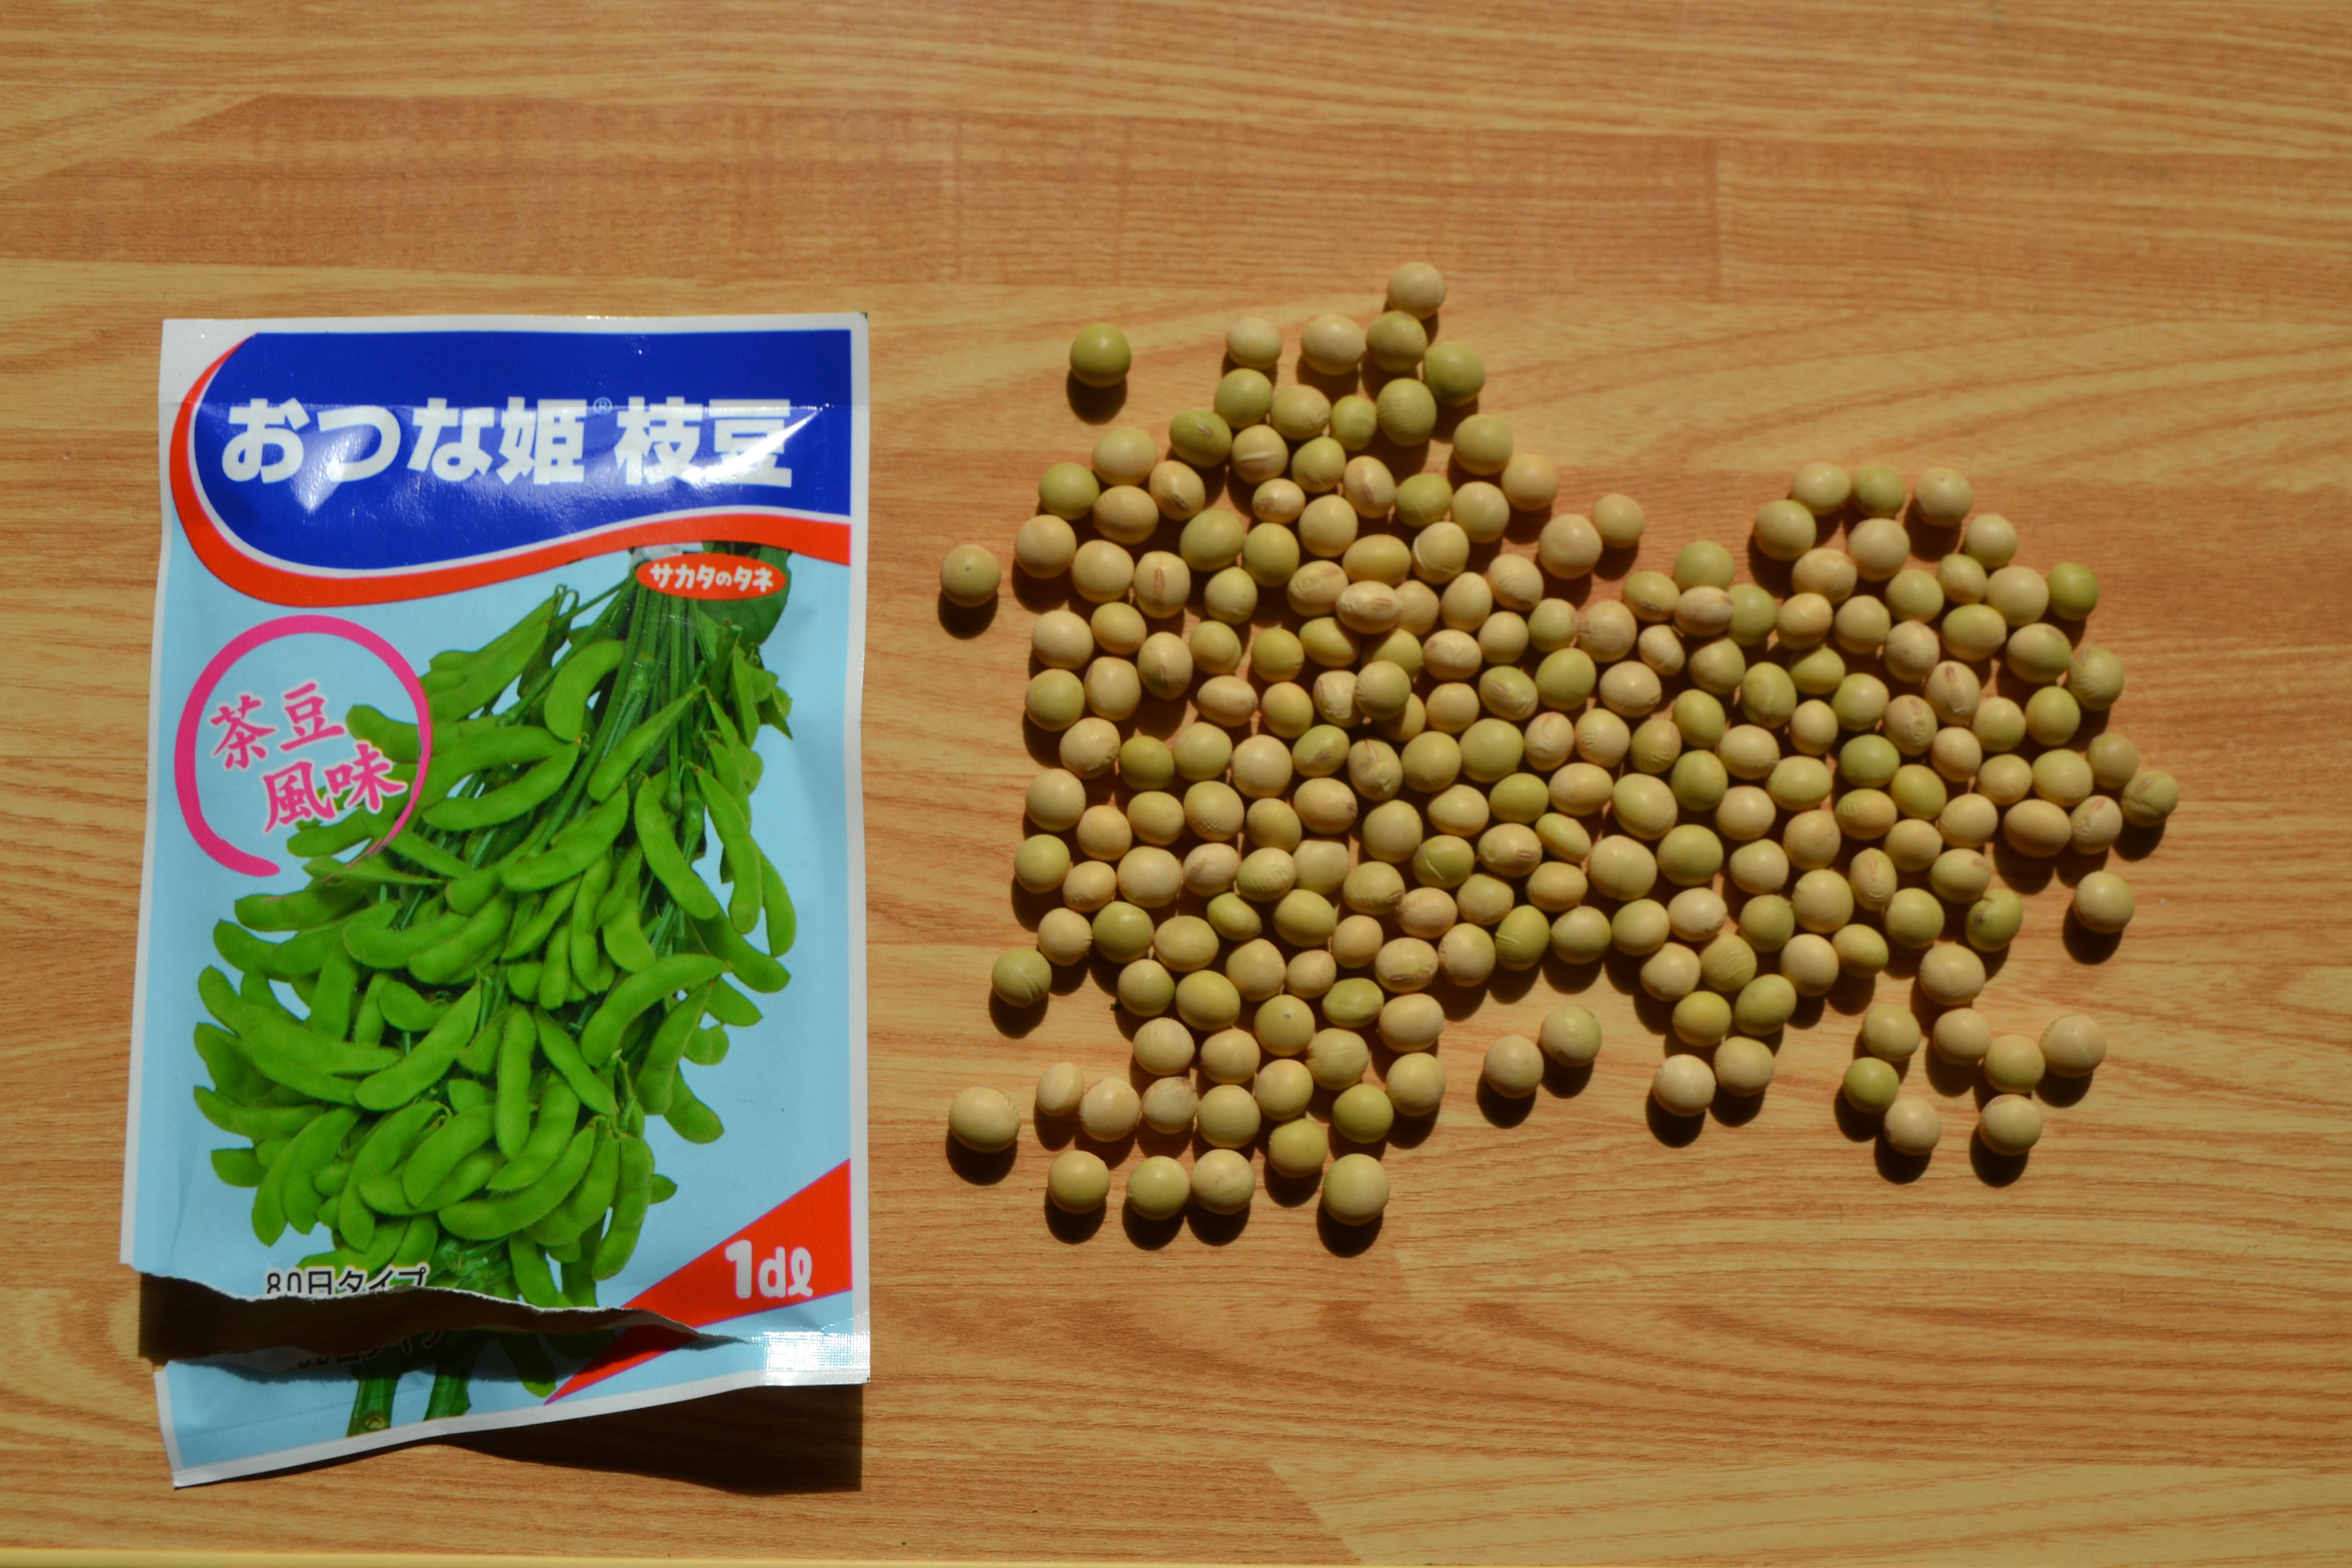 枝豆&大豆1デシリットル(dL)は何粒か?実際に数えてみた!